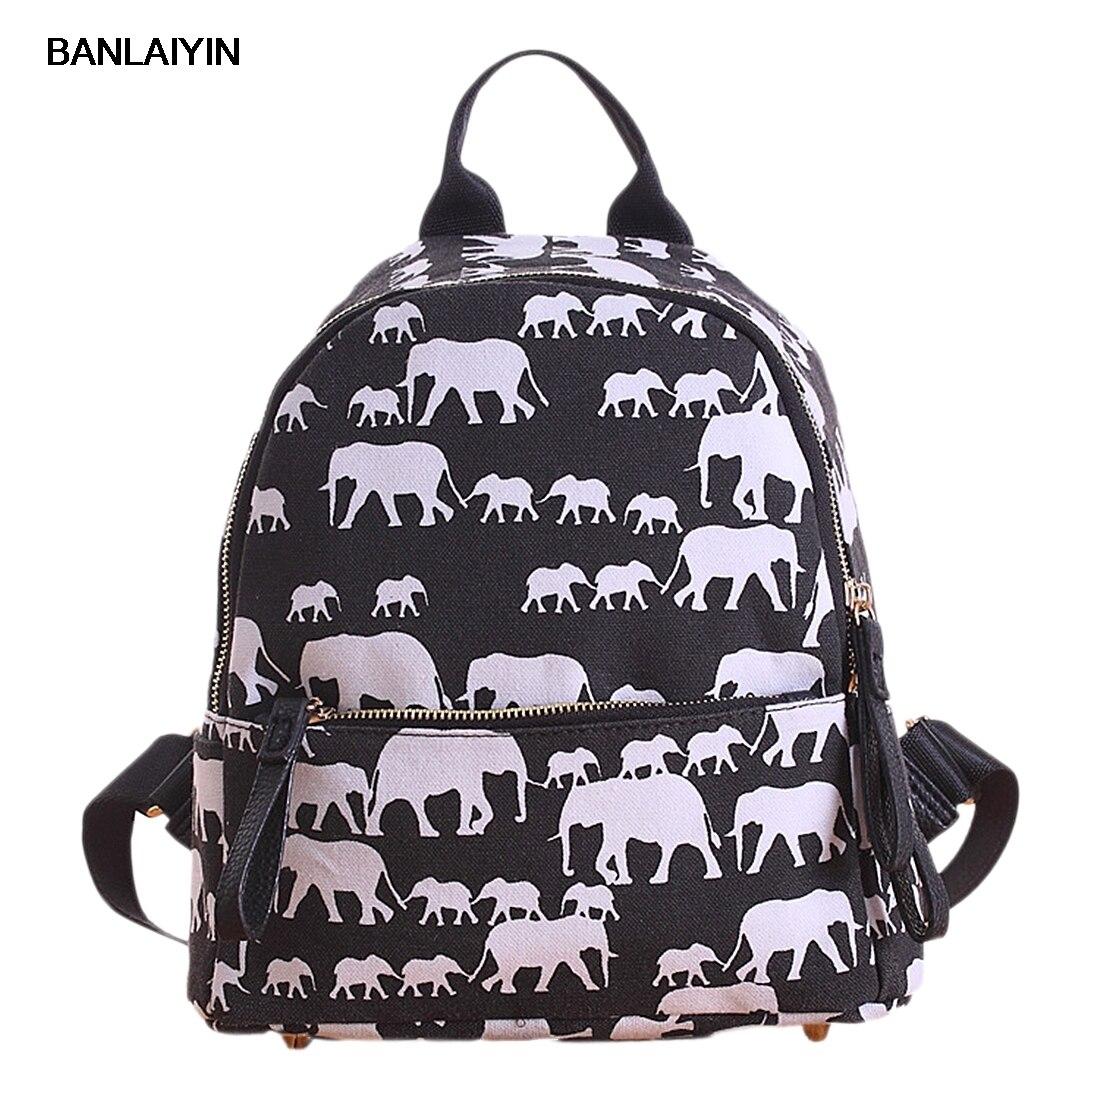 Vintage Women Canvas Travel Rucksack School Bag Satchel Backpack Shoulder Bag